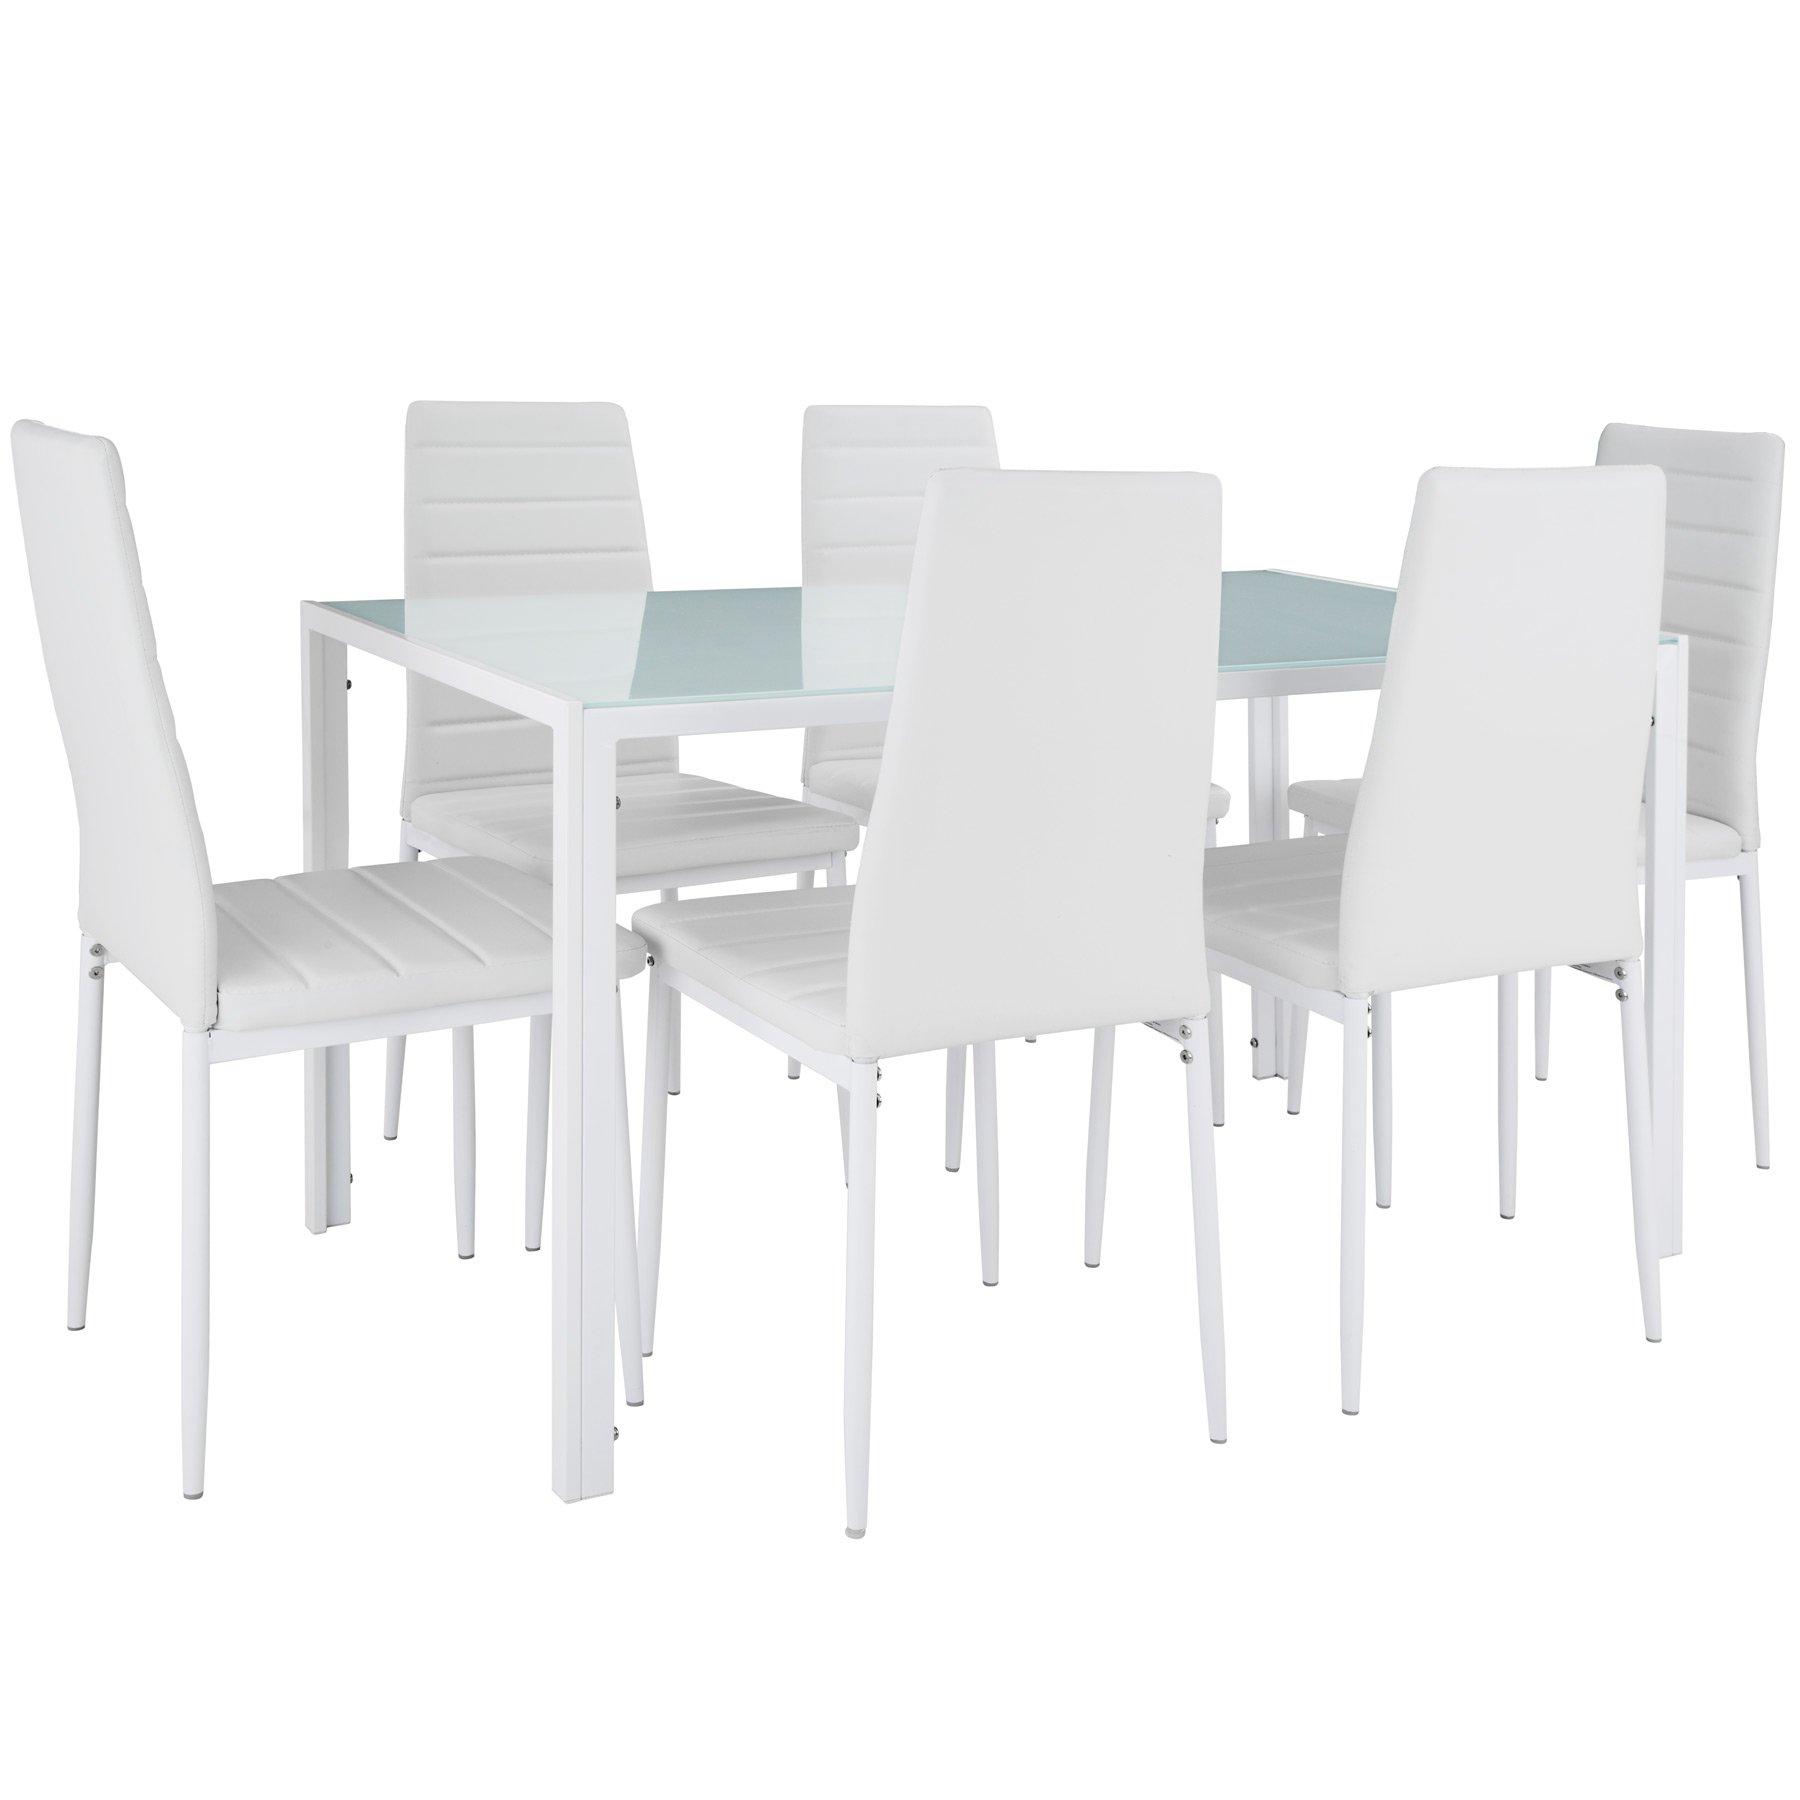 Tectake Table De Salle A Manger Avec 6 Chaises Diverses Couleurs